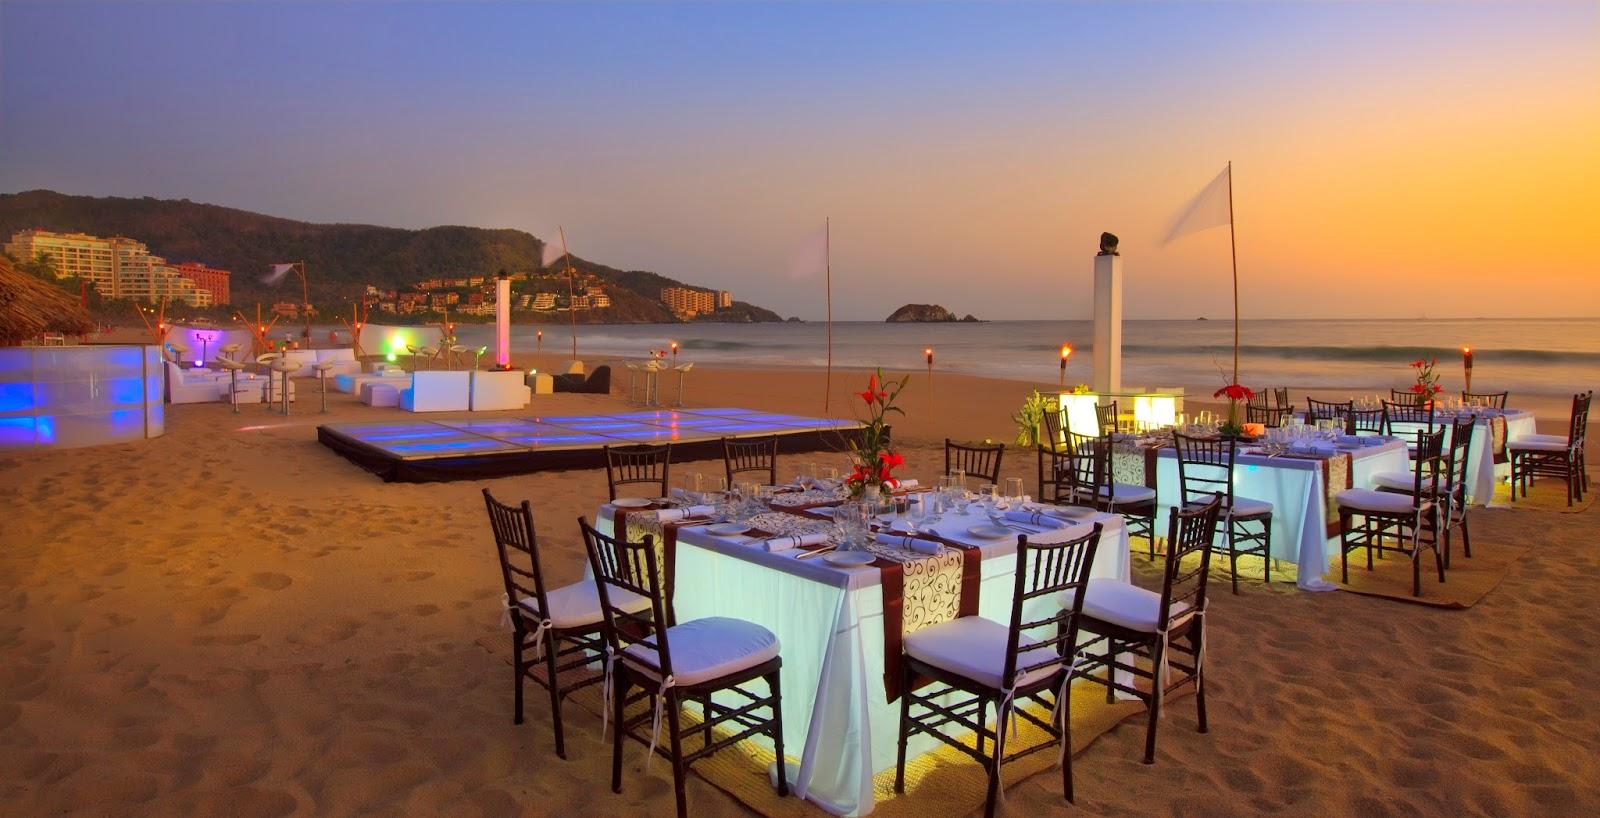 Mgc dise o de interiores bodas en la playa los mejores - Mgc diseno de interiores ...